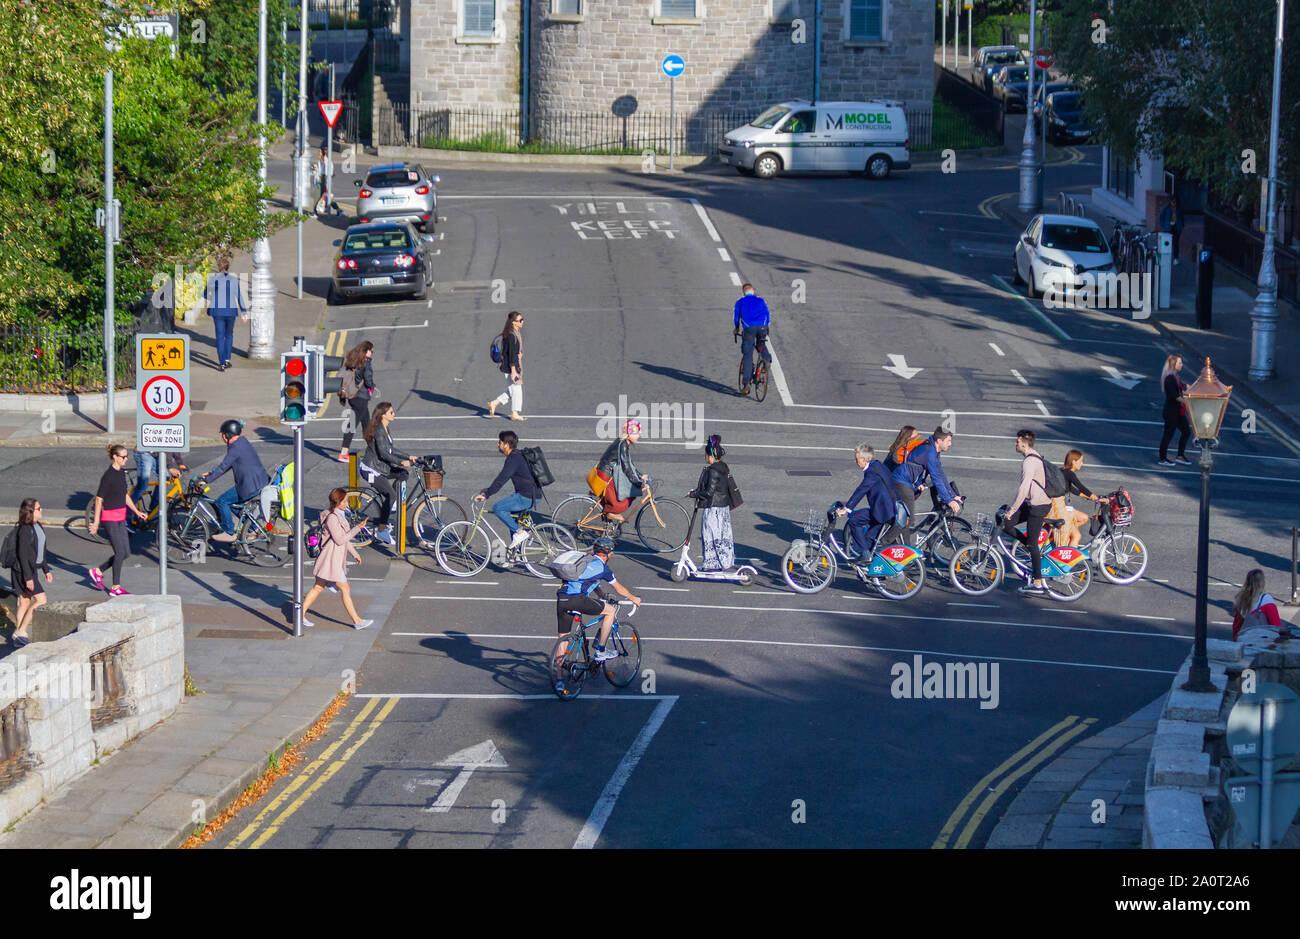 Los viajeros vienen a trabajar en bicicleta en bicicletas bicicletas, dedicada en carril bici. Persona en e scooter, coche eléctrico de carga. Dublín, Irlanda Low Carbon conmutar Foto de stock